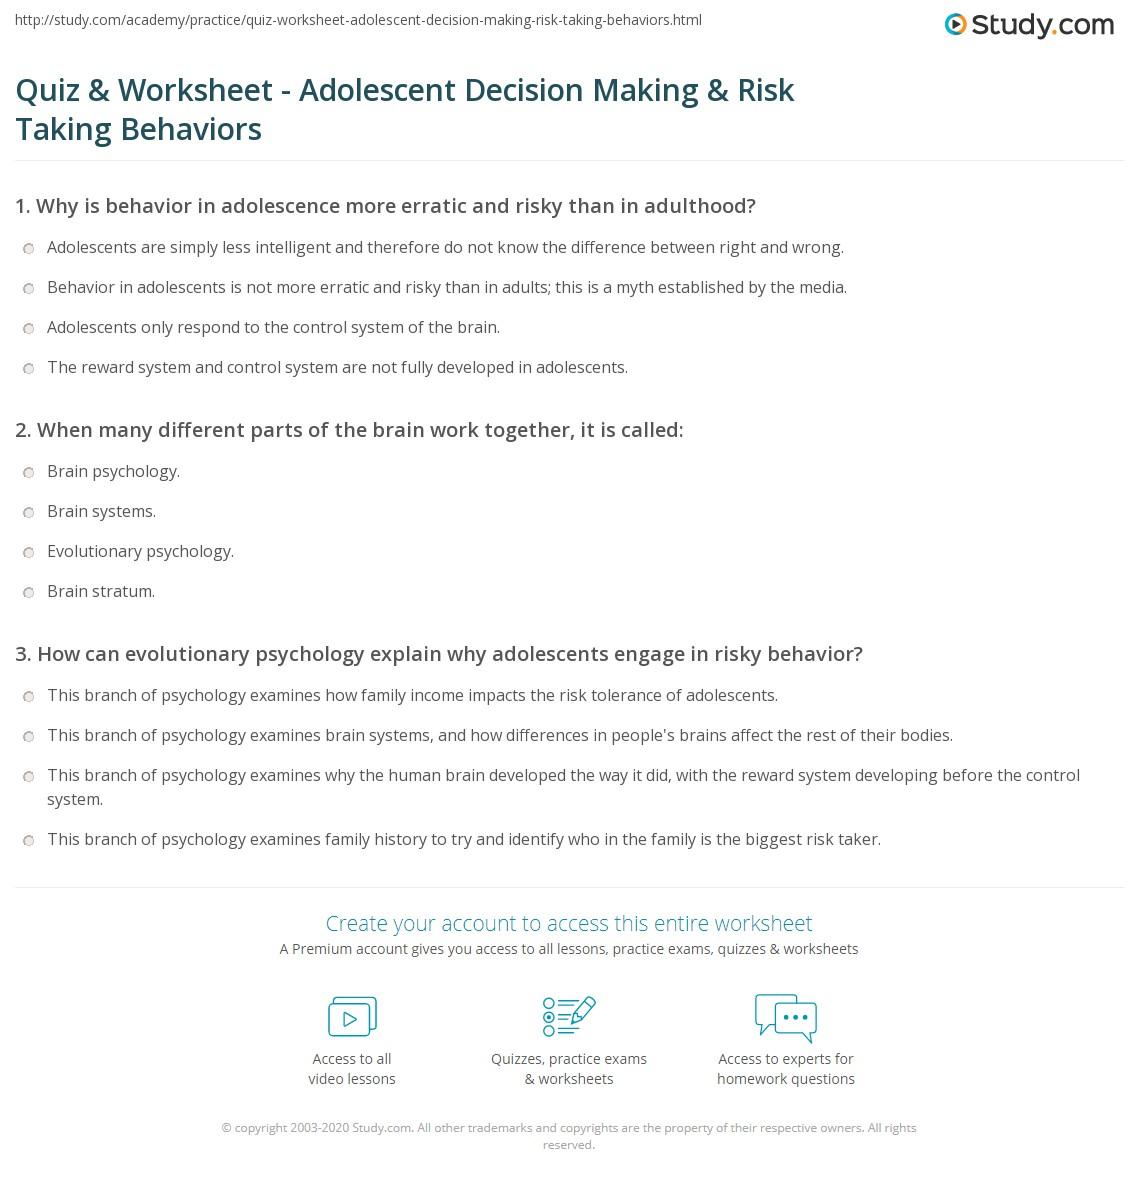 quiz worksheet adolescent decision making risk taking print decision making and risk taking behaviors in adolescence worksheet